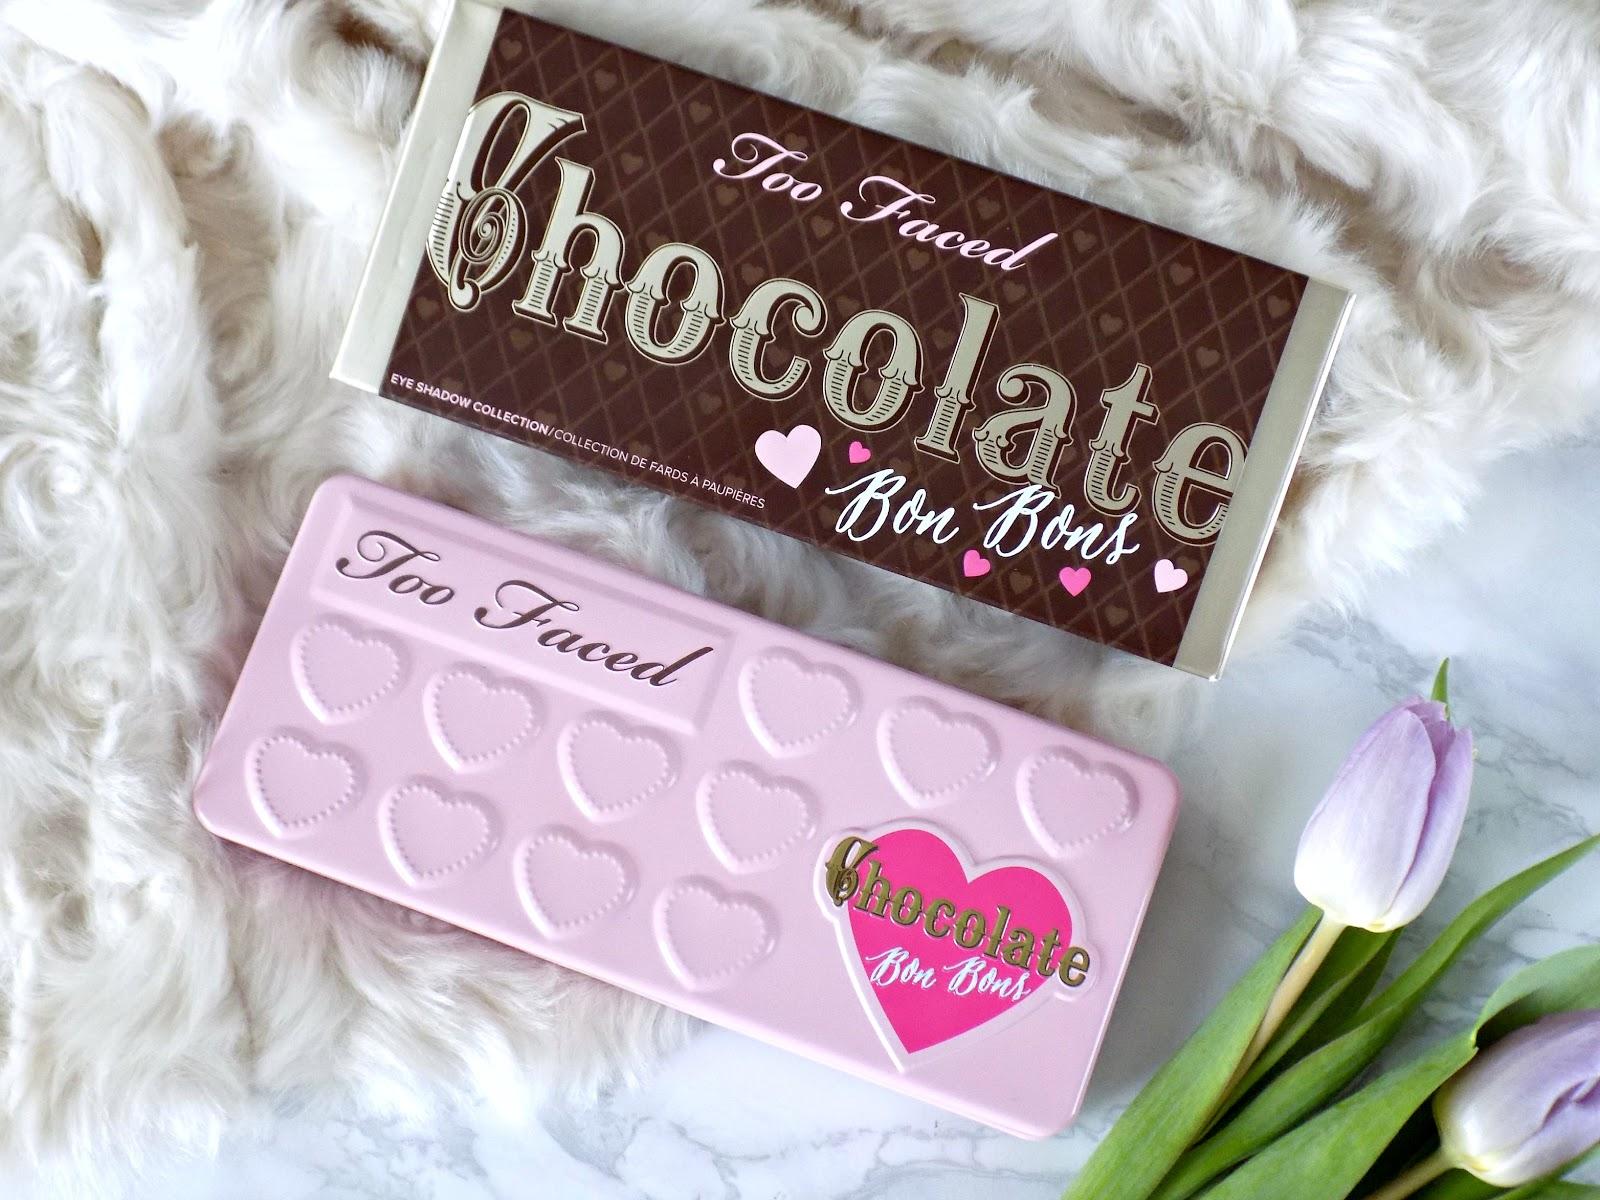 Too Faced Chocolate Bon Bon palette